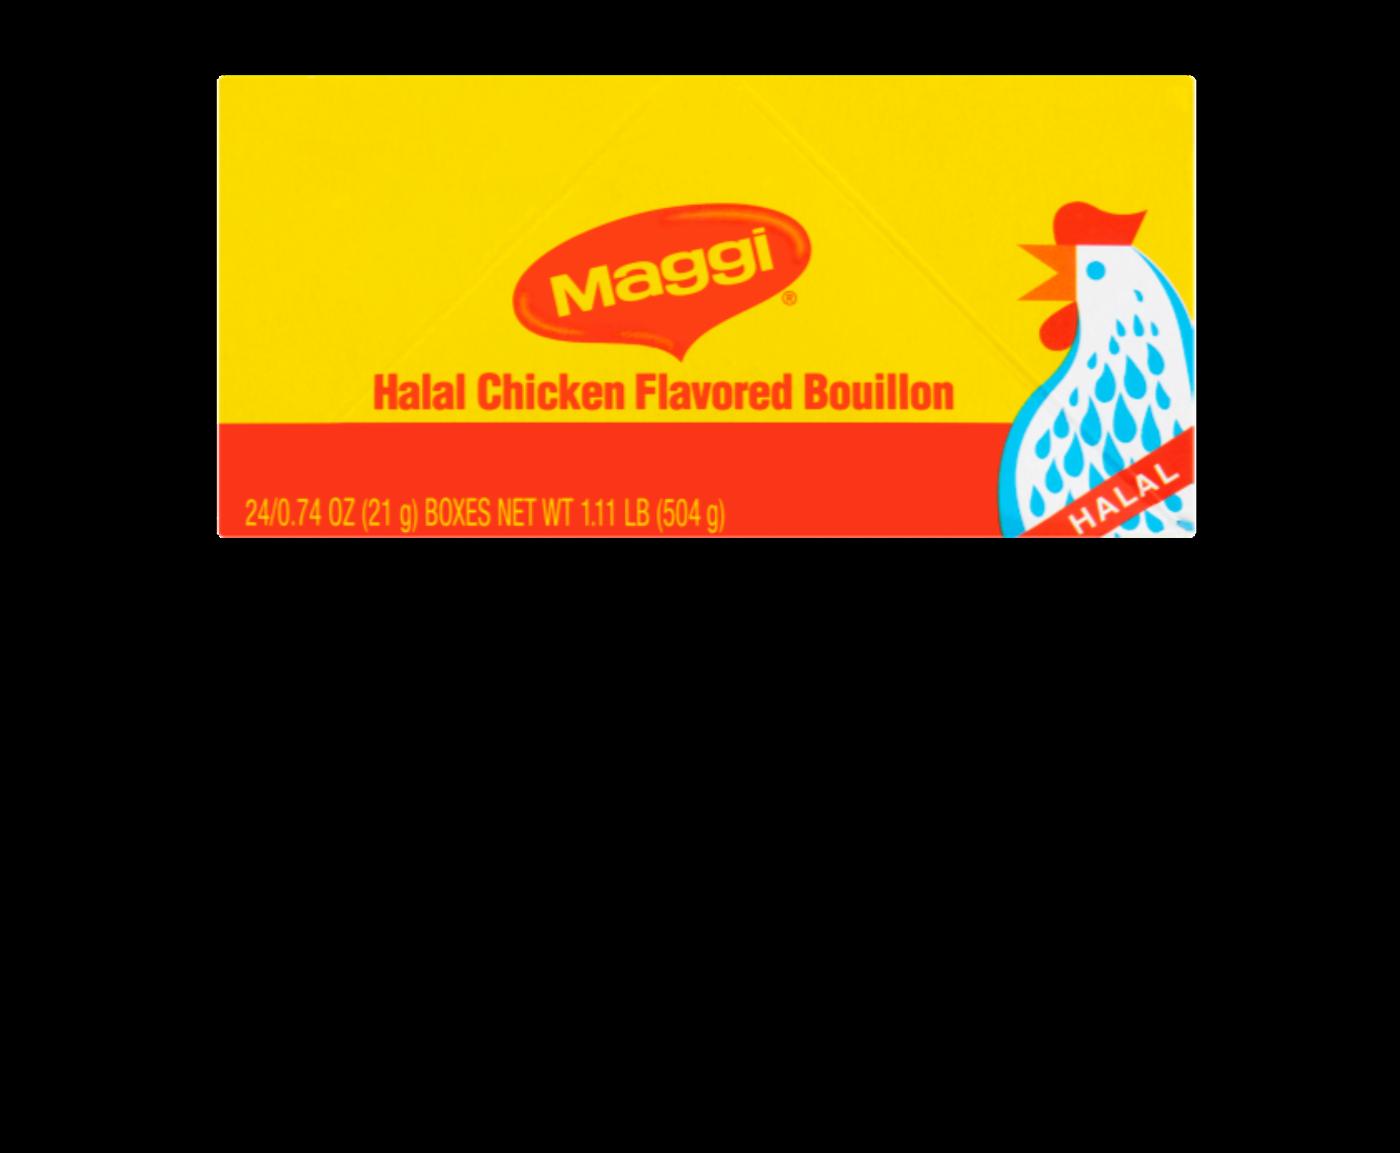 Maggi Chicken Flavoured Bouillon